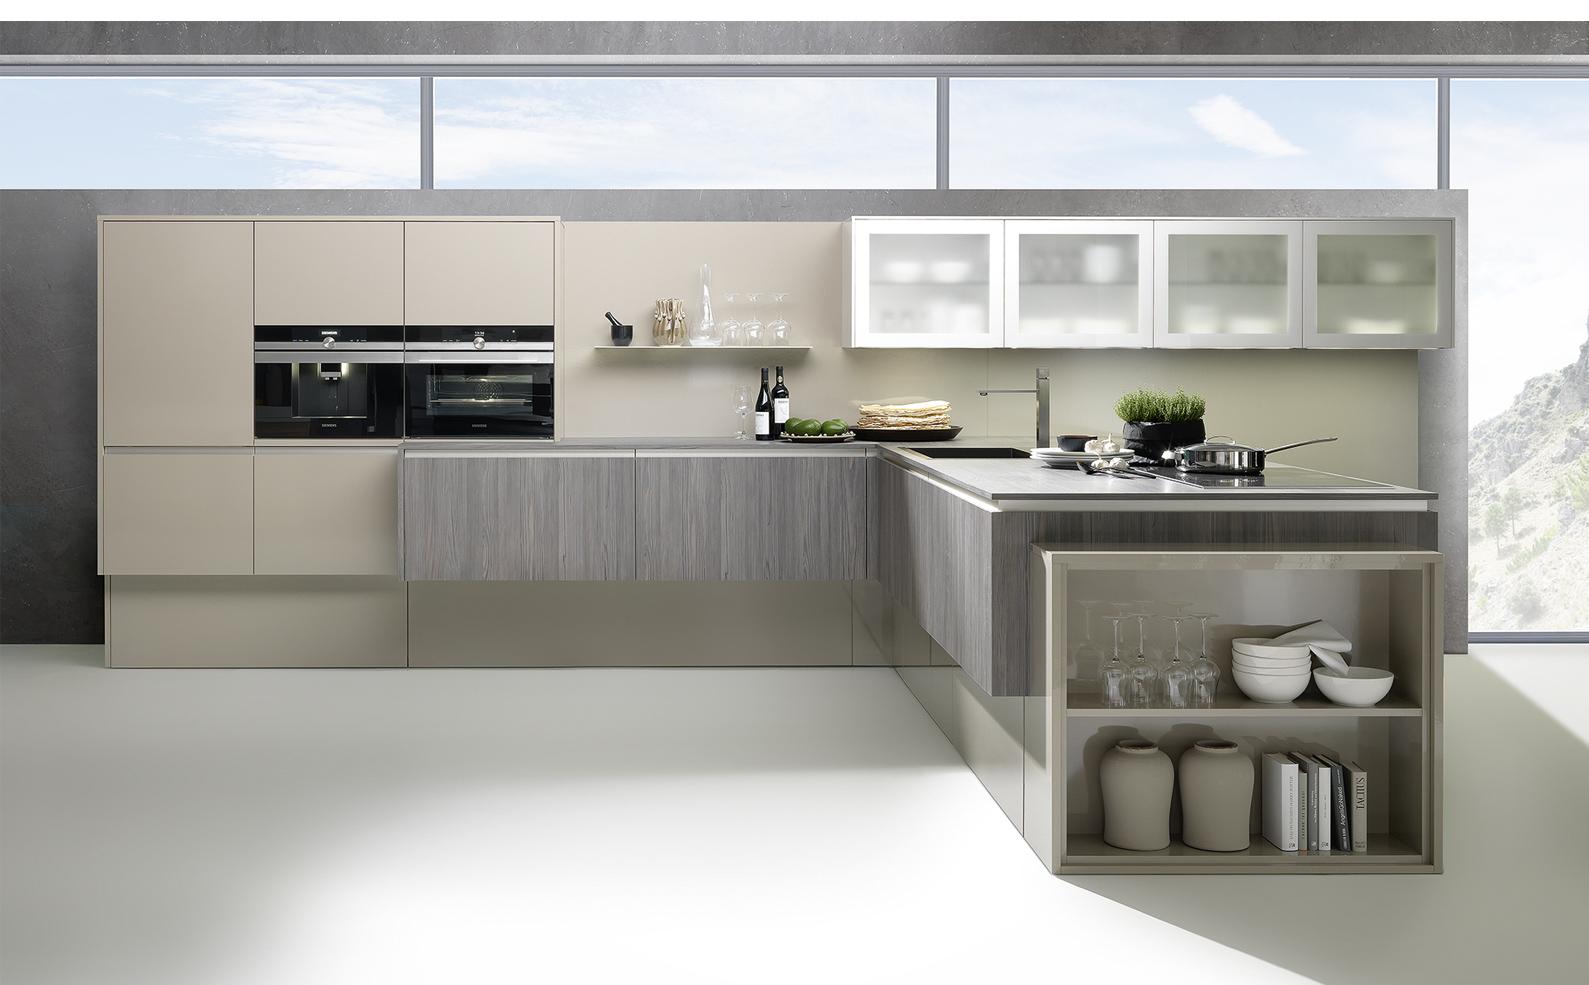 Tuijps, Rational keukens, design, stijlvol, keukens op maat, conventionele keuken, meditaraan keuken, ergonomie, functionaliteit, kwaliteit, hoogwaardige keuken, volendam, amsterdam, monnickendam, broek in waterland, landsmeer